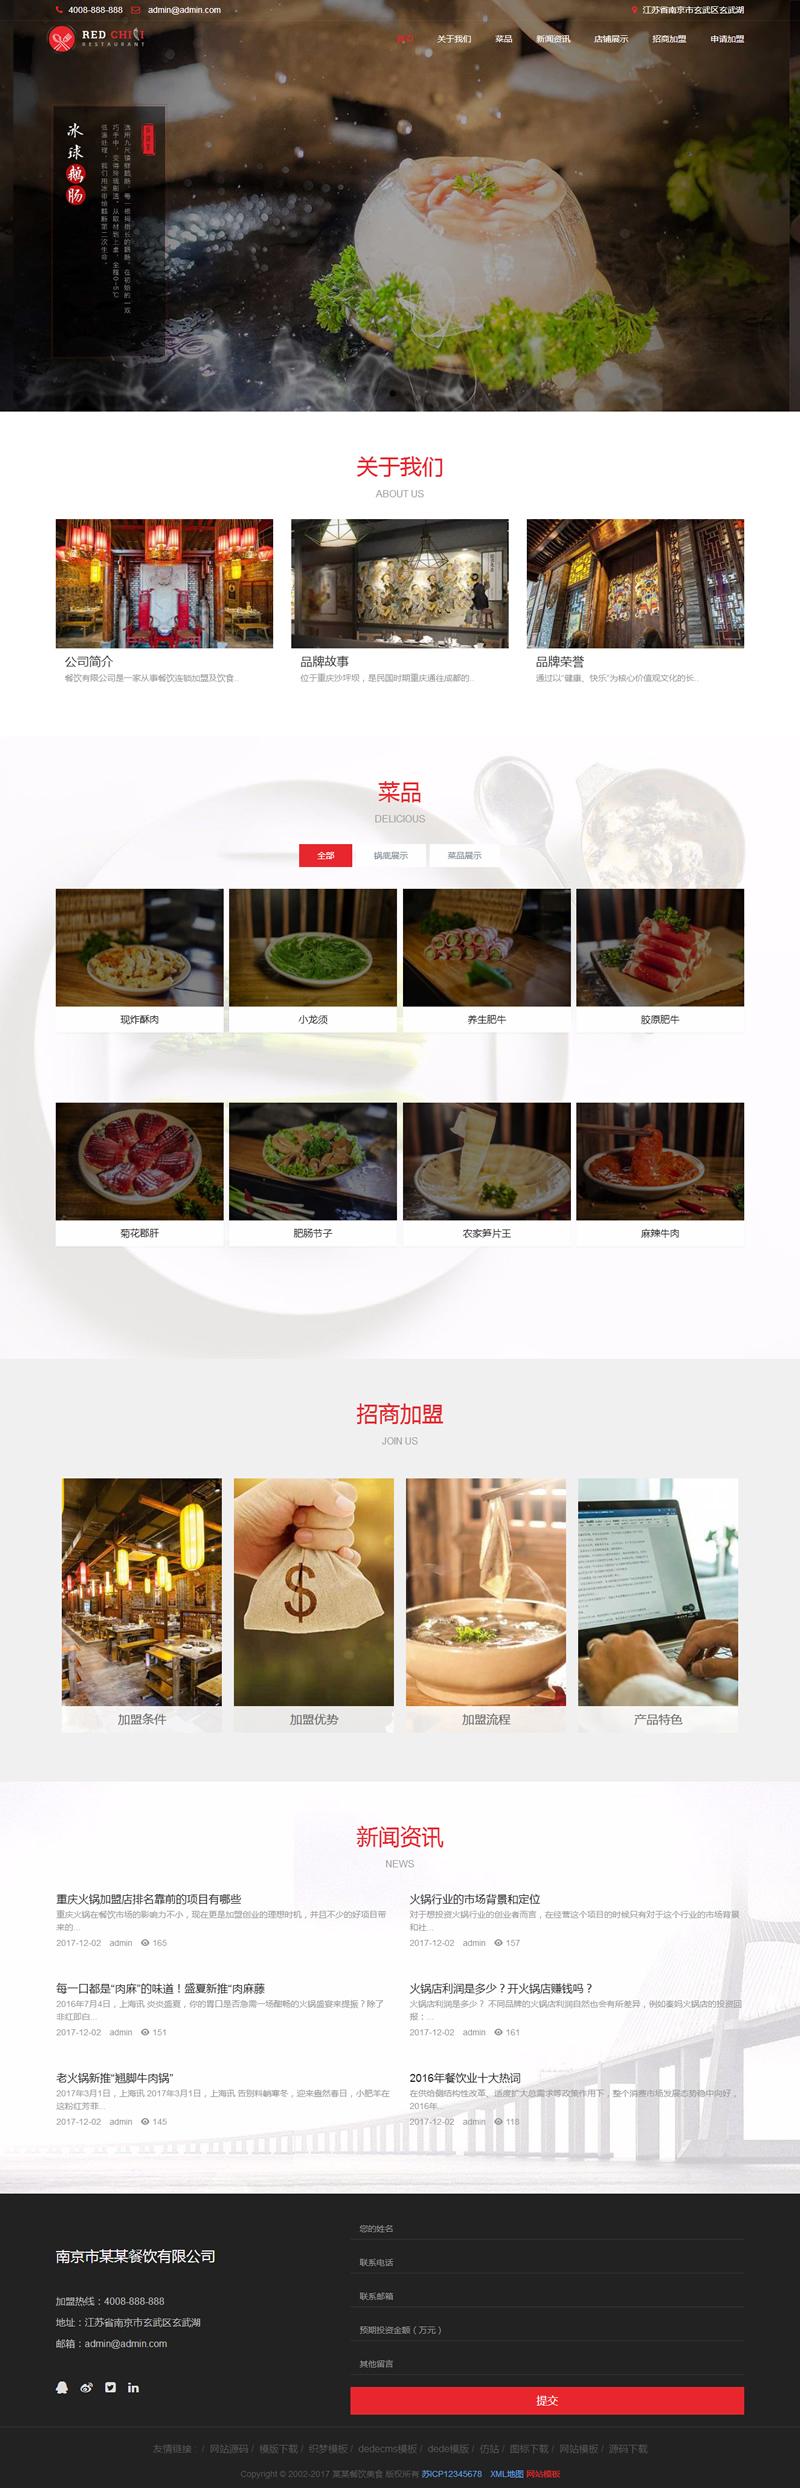 响应式餐饮美食加盟类网站源码 HTML5餐饮加盟管理网站dedecms织梦模板(自适应手机版)